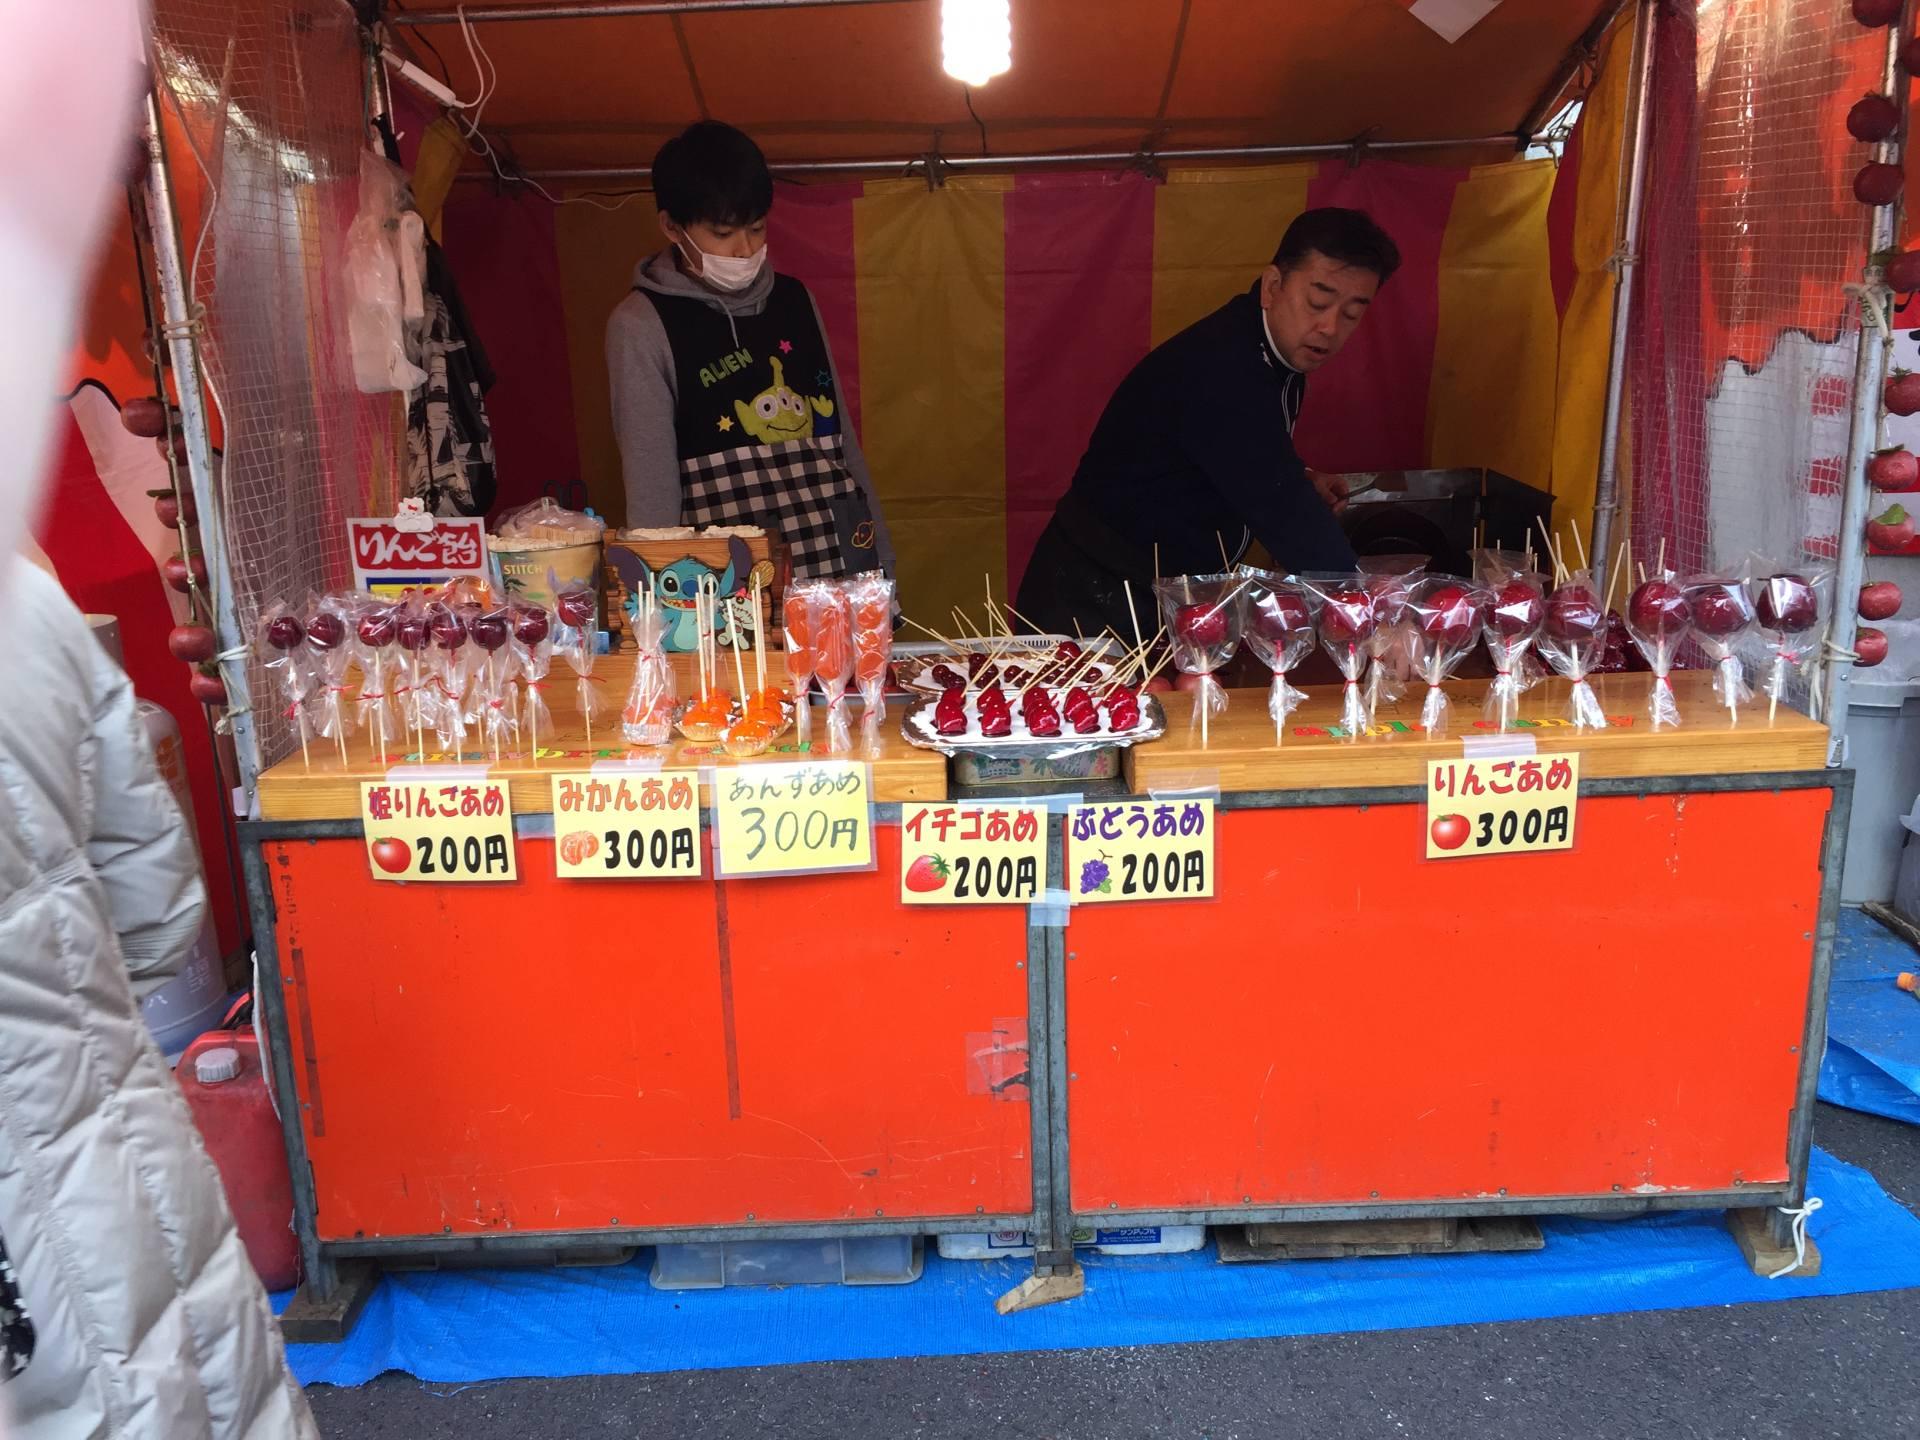 蘋果·蜜橘·草莓·葡萄口味的果糖串